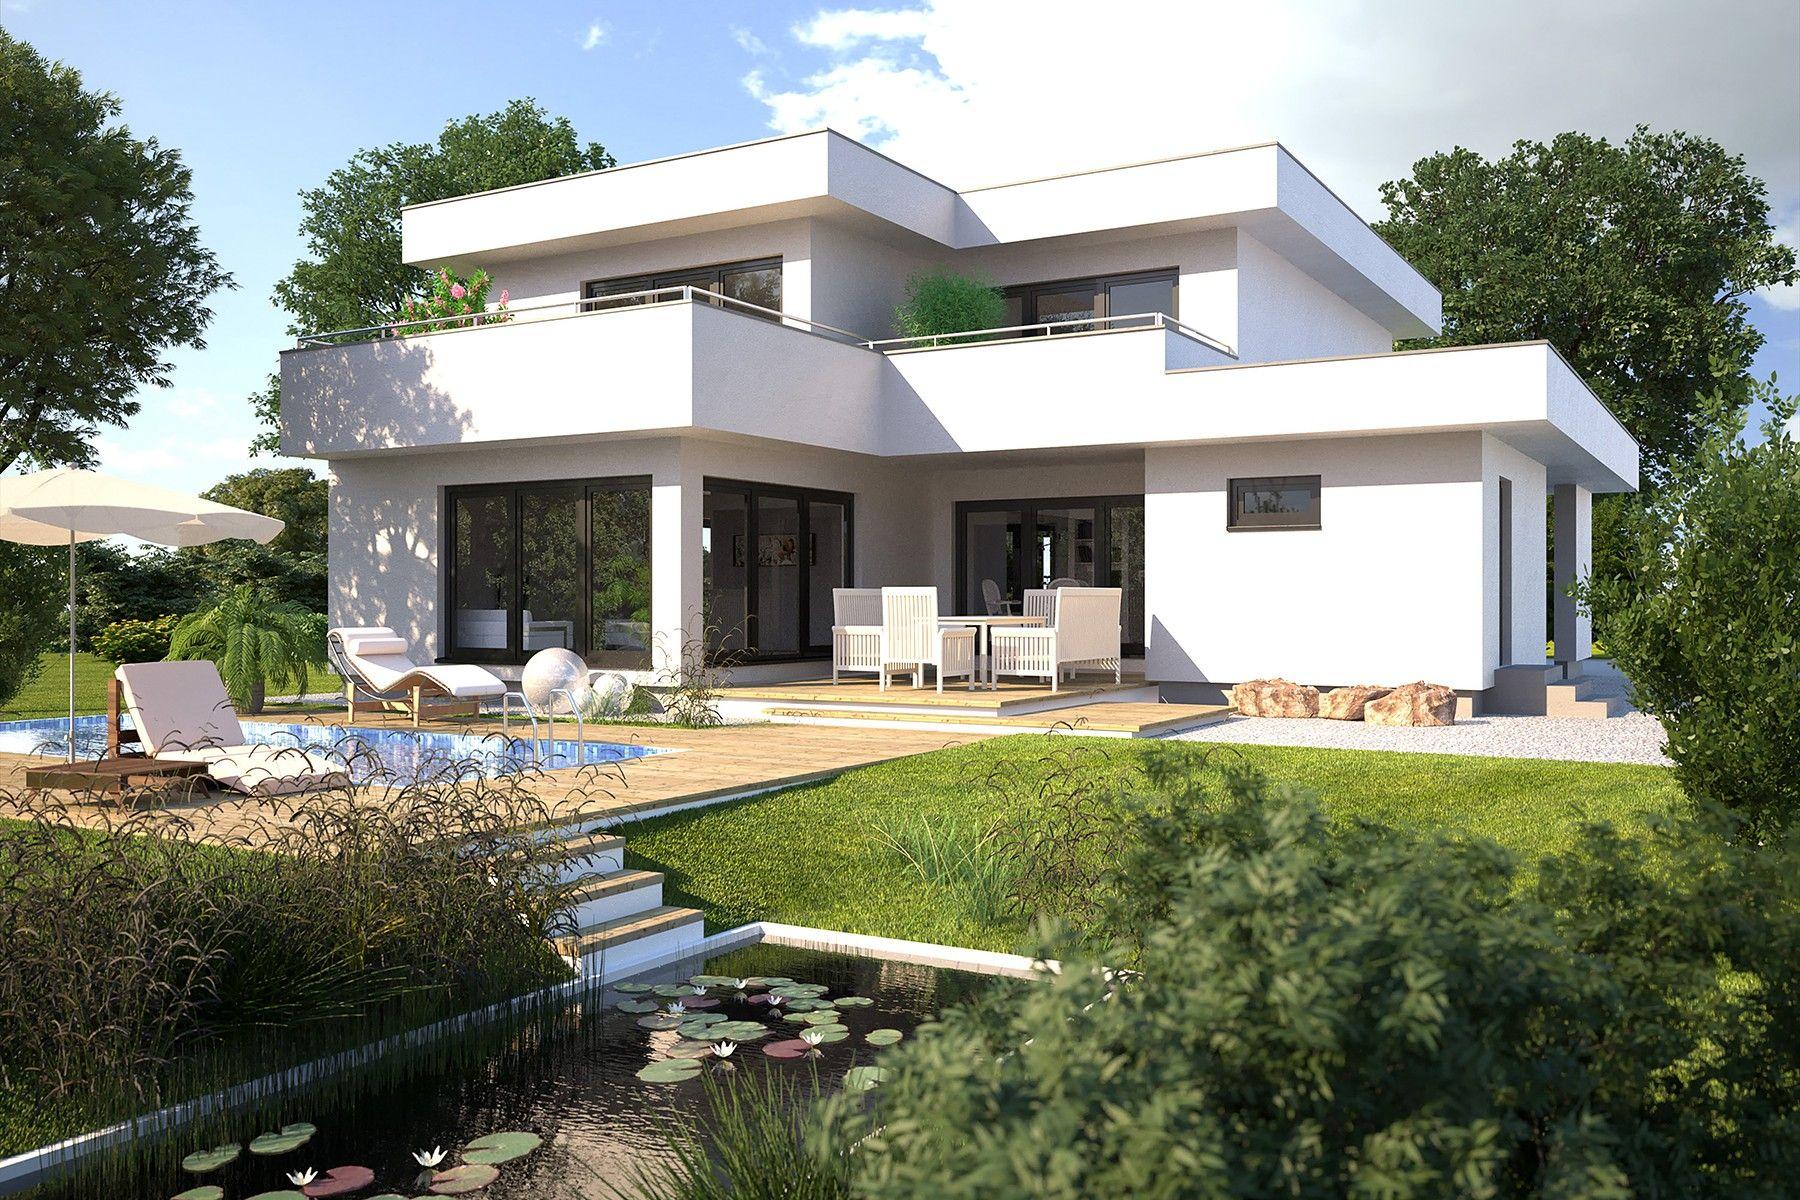 Hommage-246-garten   House   Pinterest   Architektur, Neue häuser ...